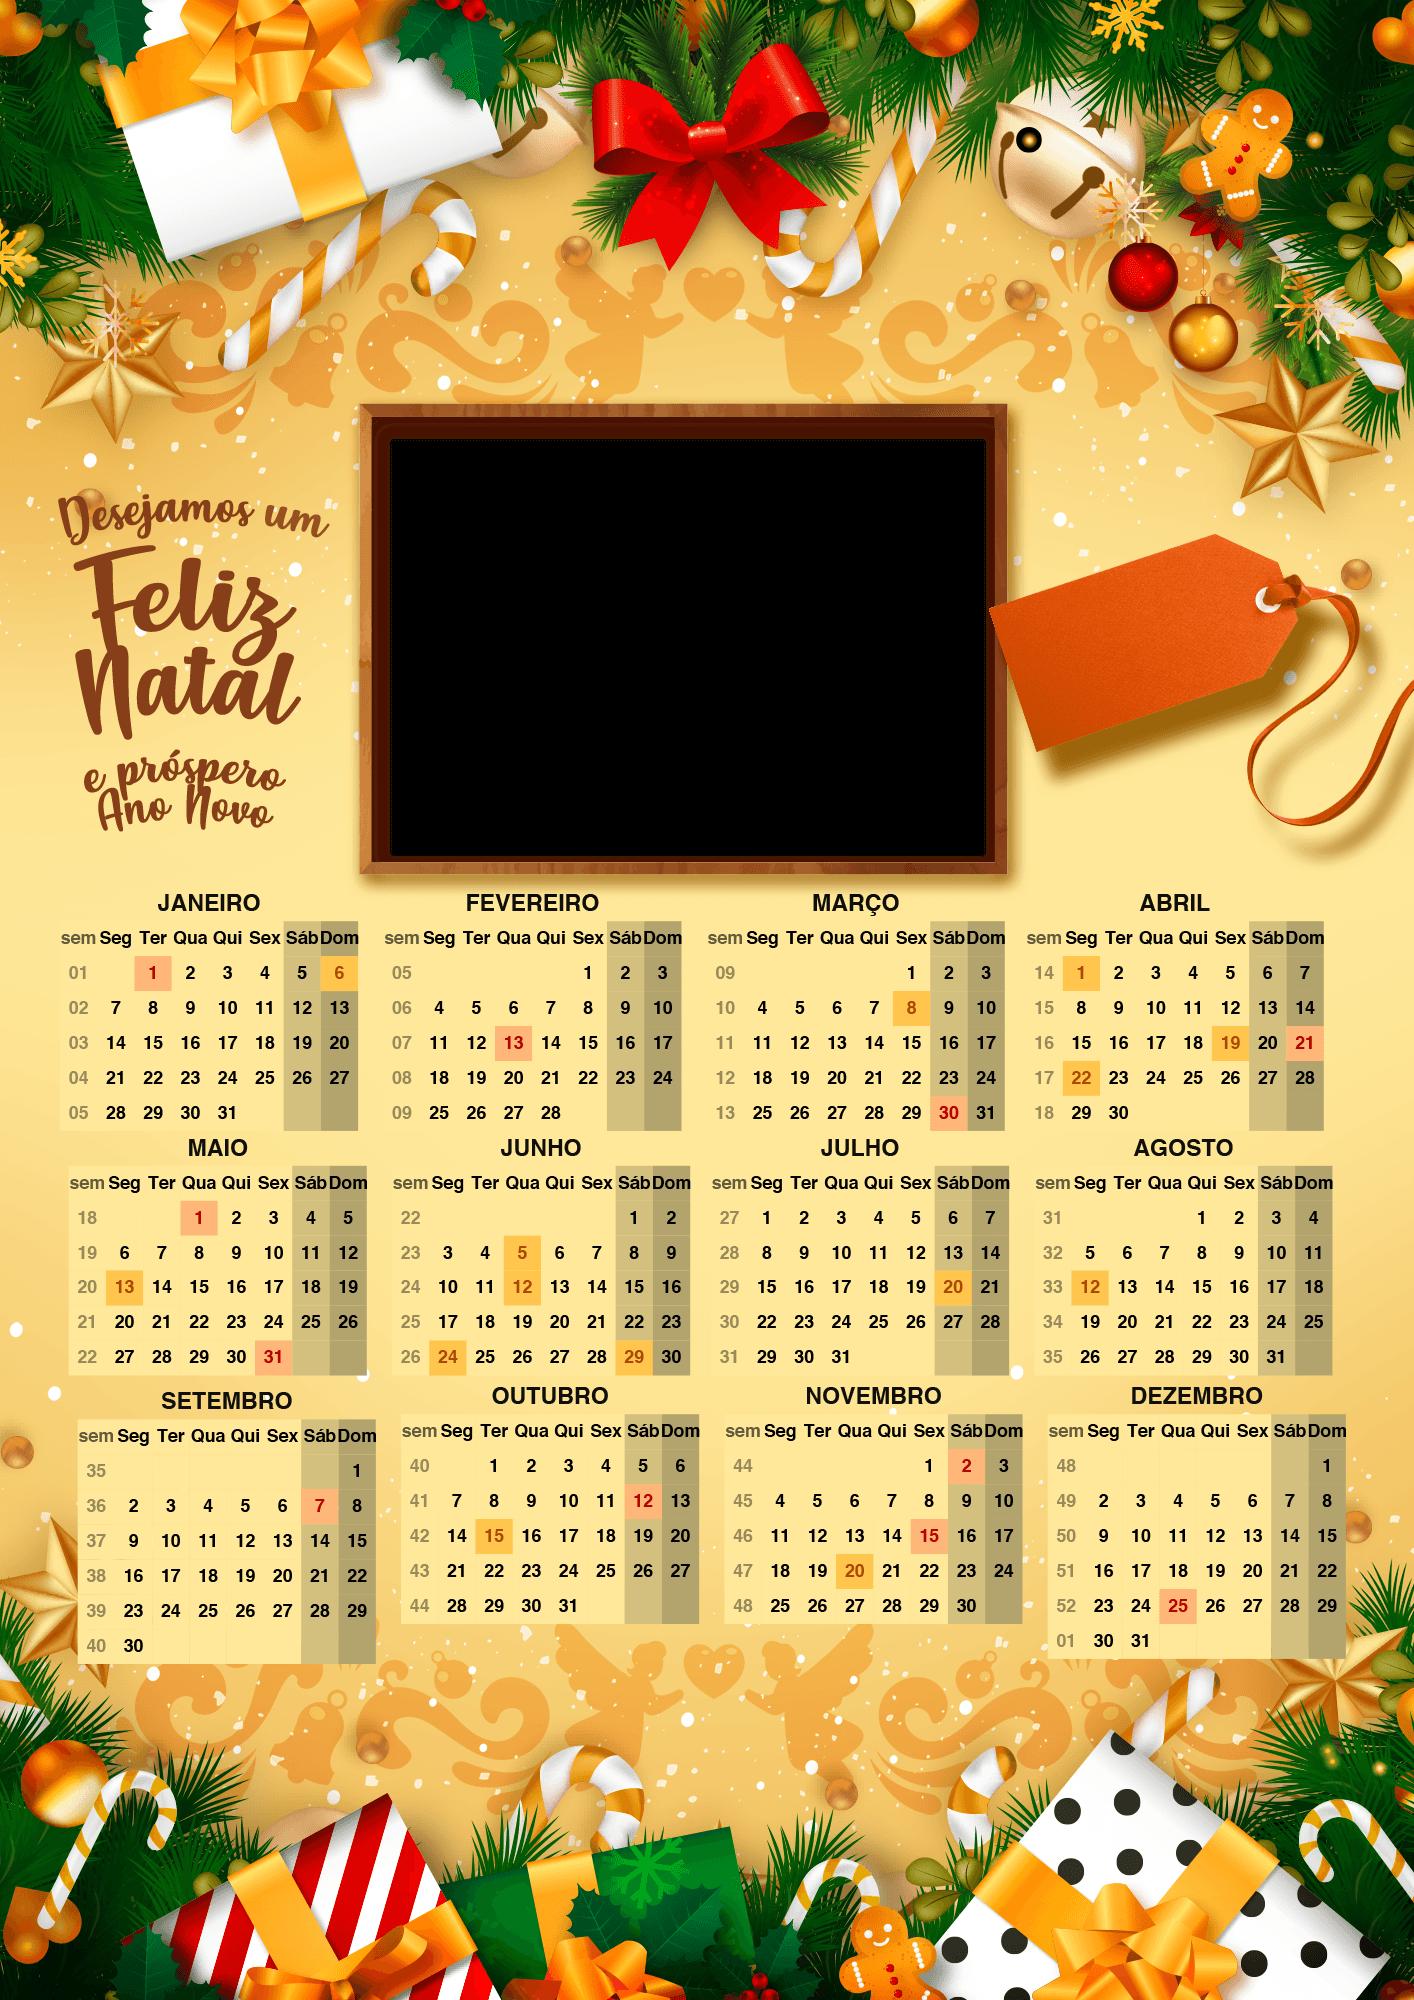 Calendario 2019 Personalizado com Foto para imprimir gratis 1